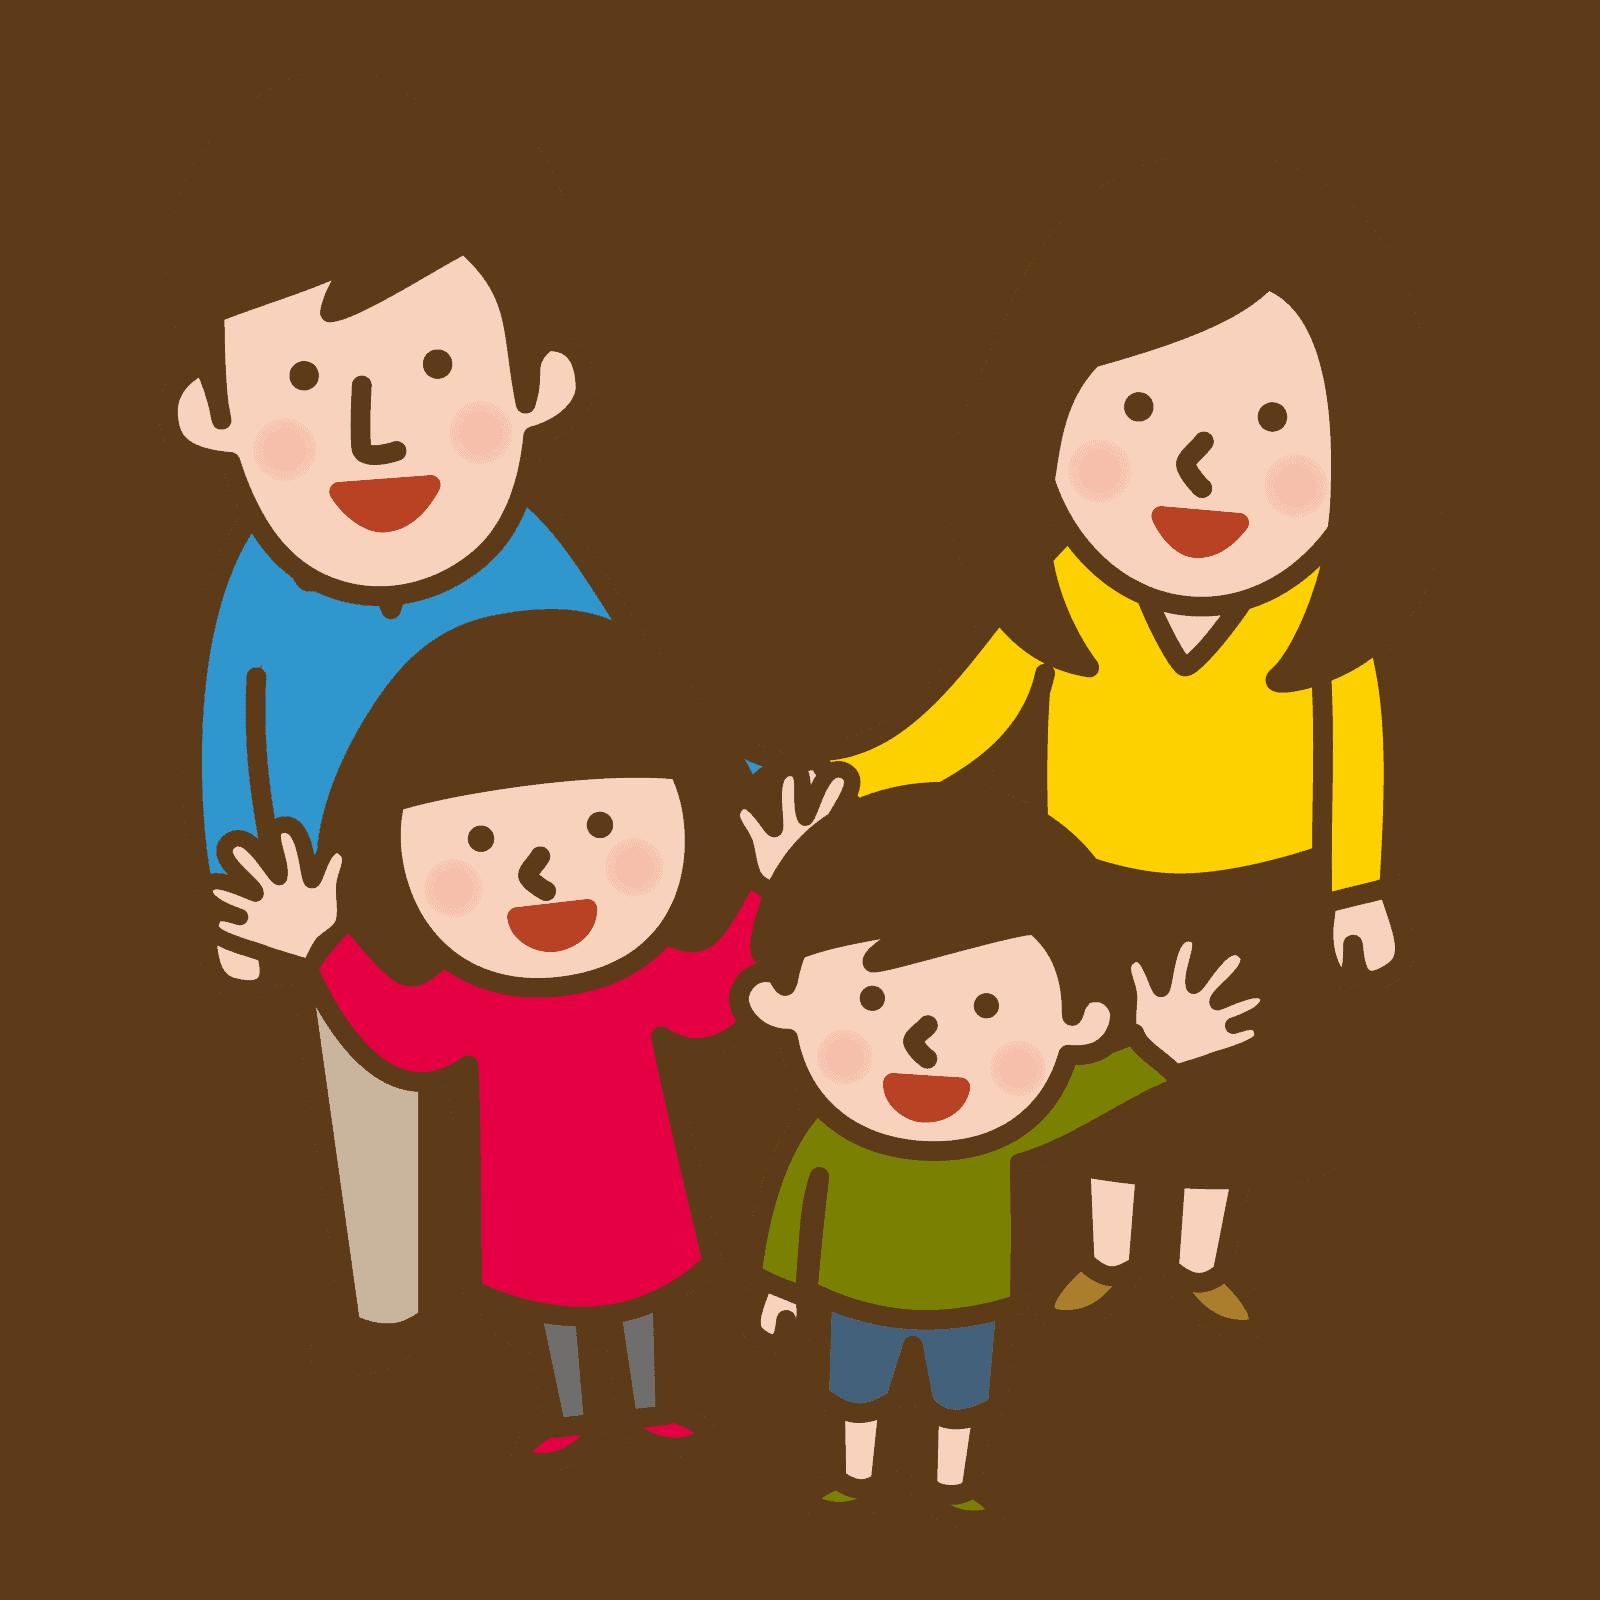 小さな子供を連れた家族の絵